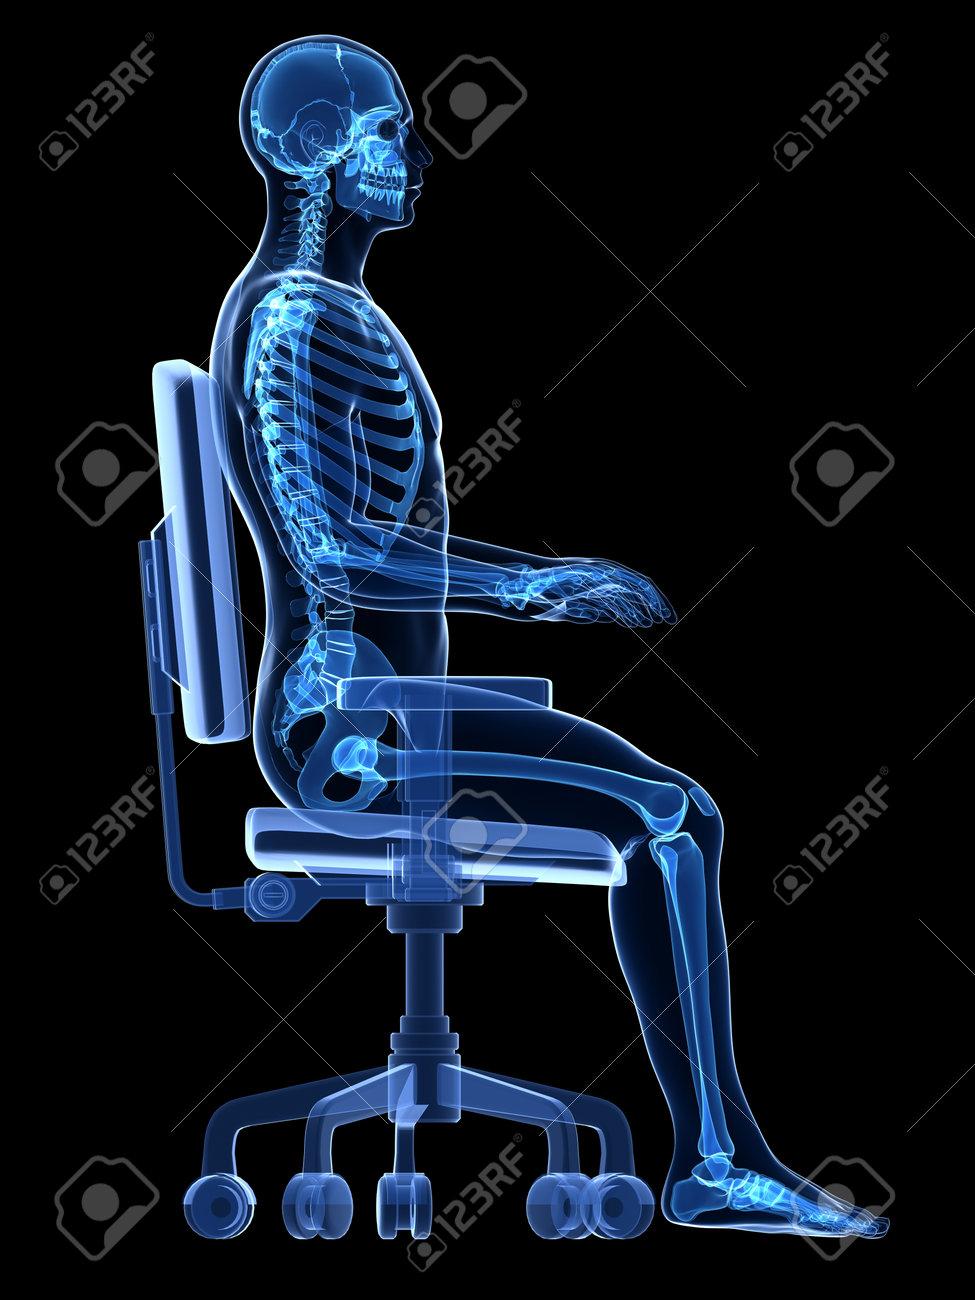 3d rendered medical illustration - correct sitting posture Stock Illustration - 22584226